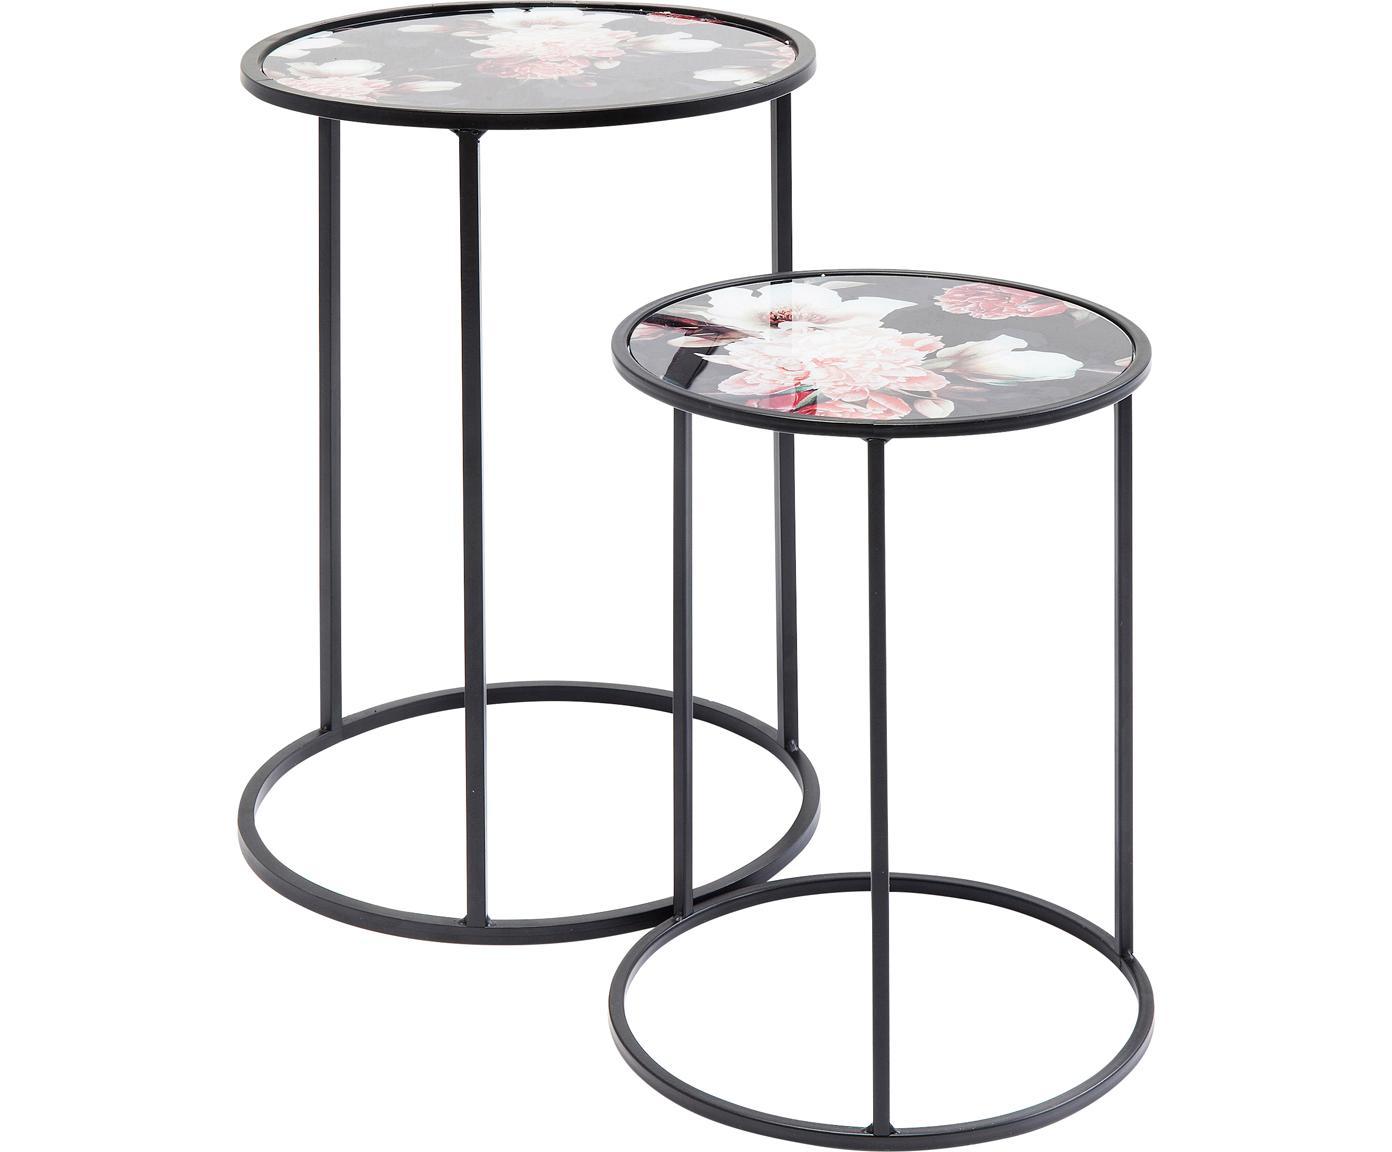 Beistelltisch-Set Peony mit Blumenmuster, 2-tlg., Tischplatte: Sicherheitsglas (ESG), ge, Gestell: Stahl, pulverbeschichtet, Schwarz, Sondergrößen